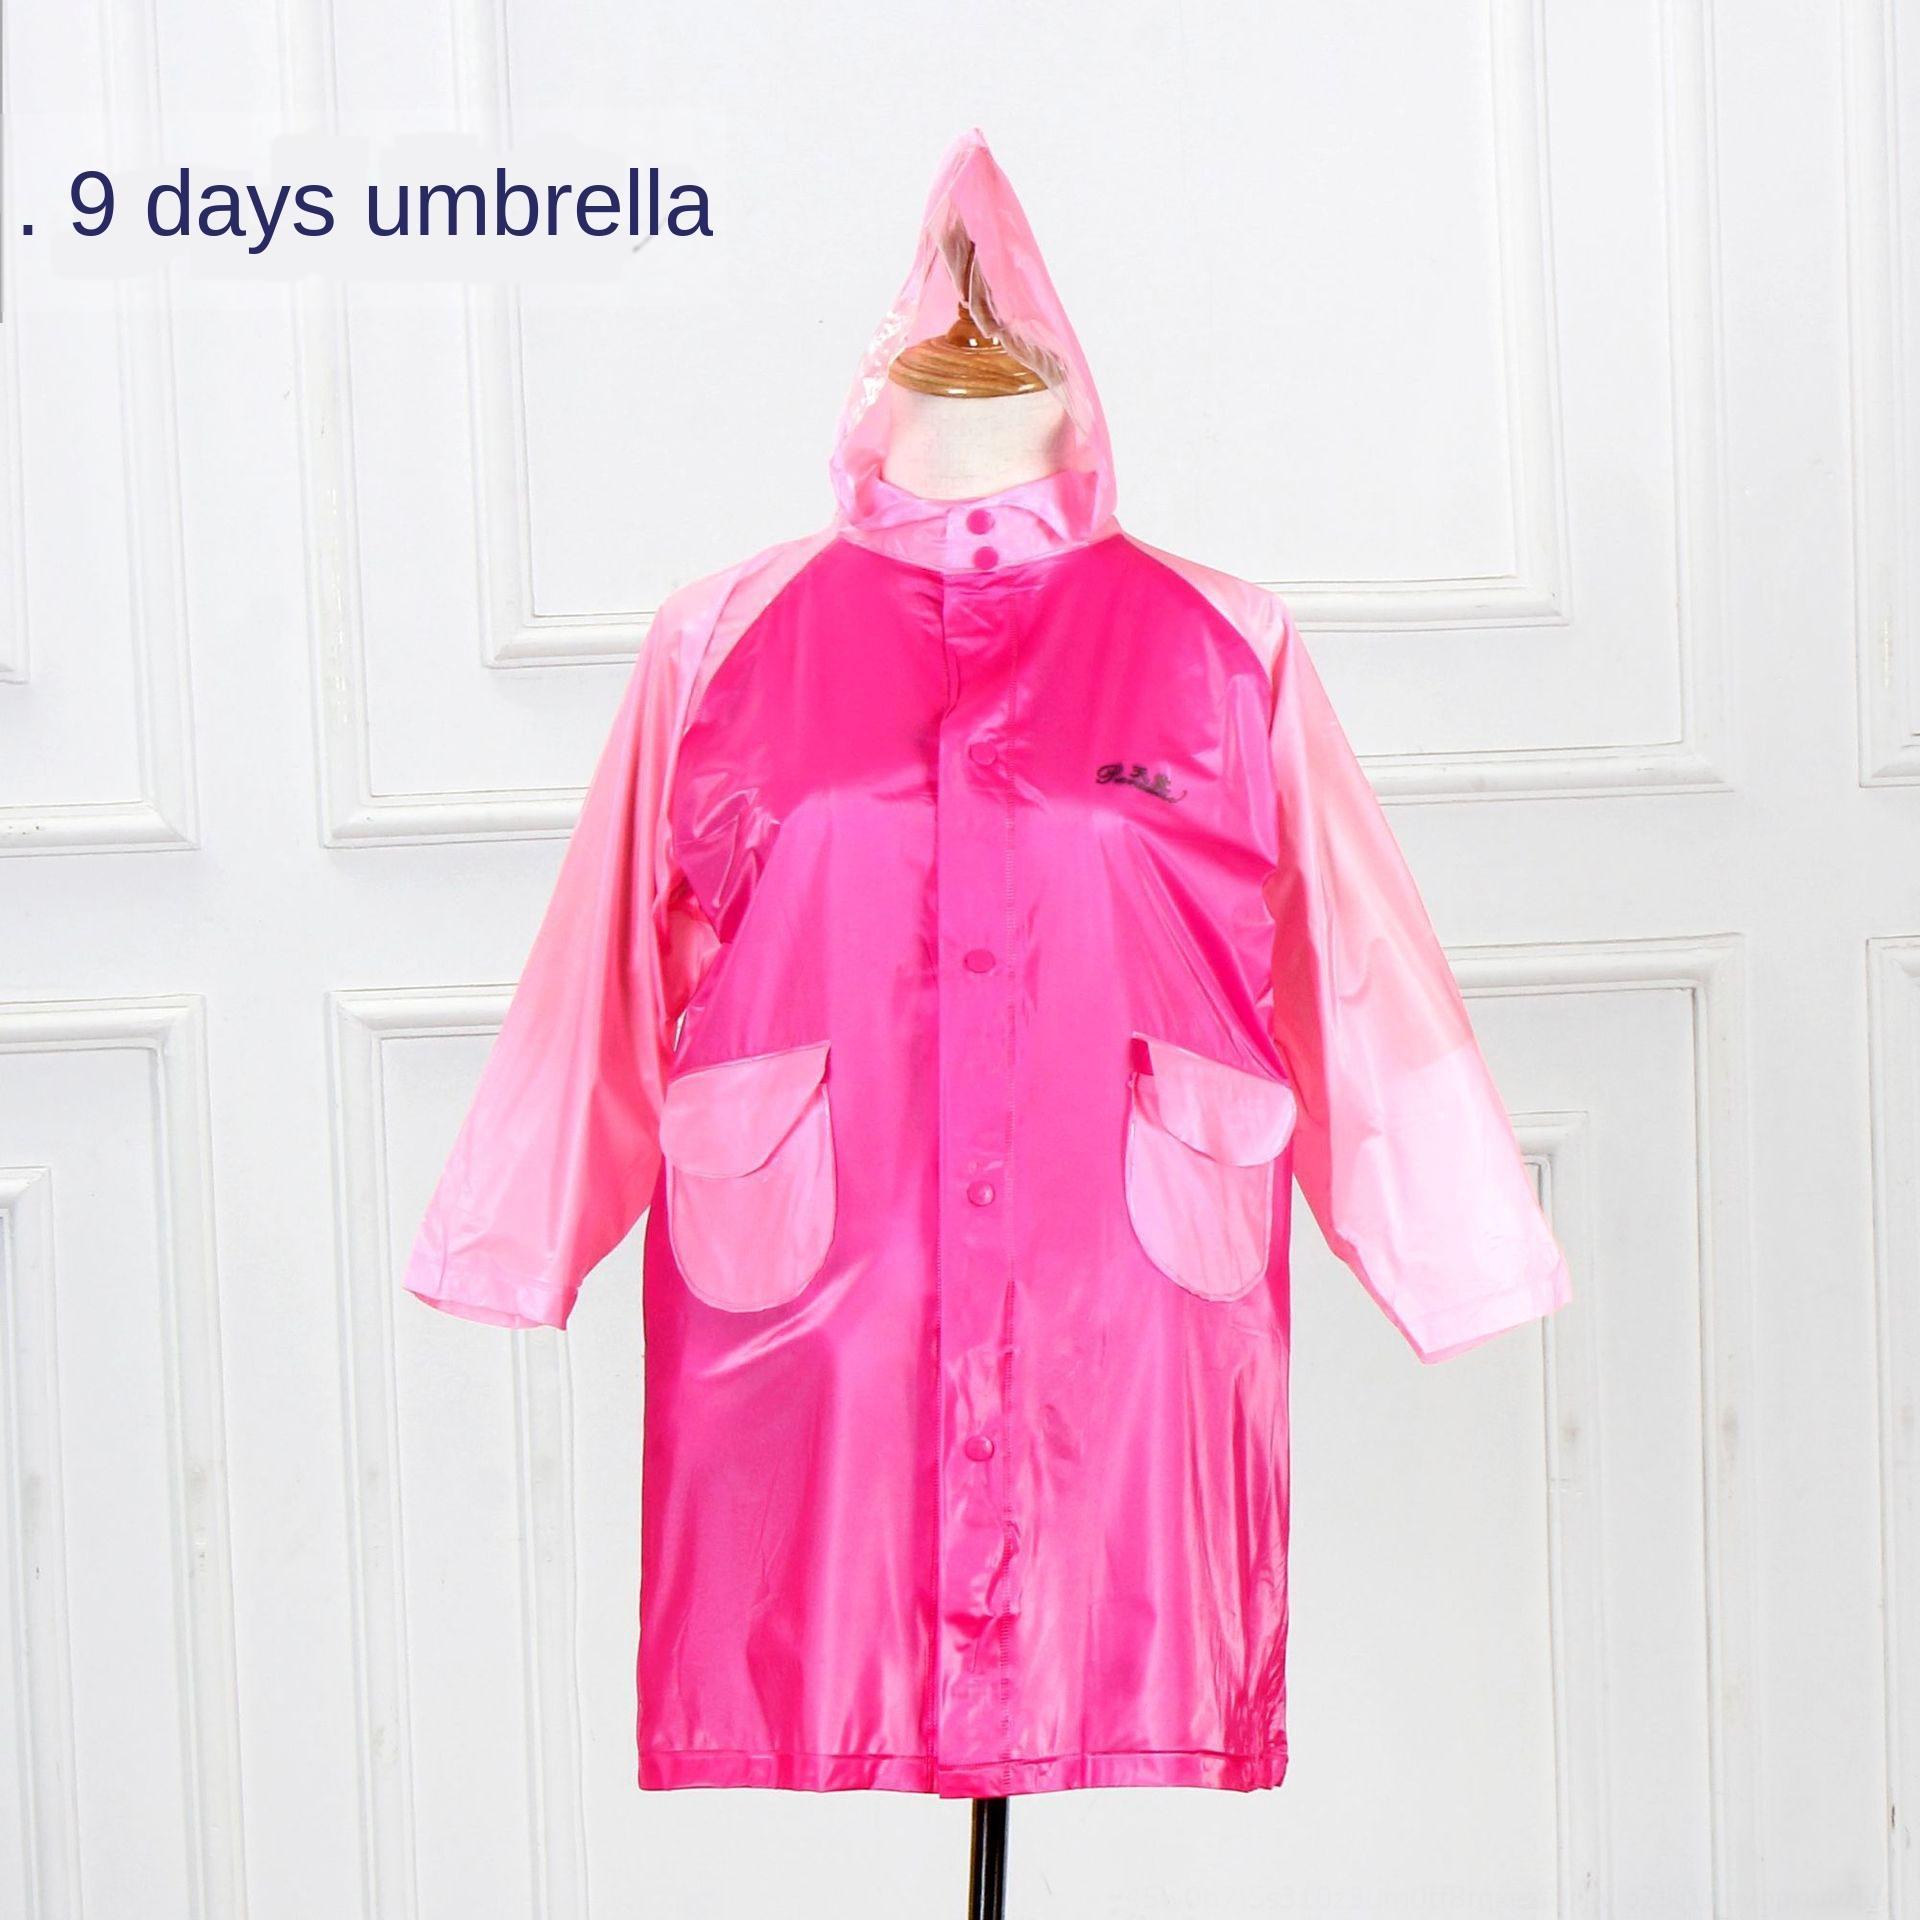 ISXkA Bm7jr Cennet çocuk öğrenci çift ekstra büyük yağmurluk Cennet çocuk Cloak öğrenci pelerin çift kalınlaşmış ext panço kalınlaşmış